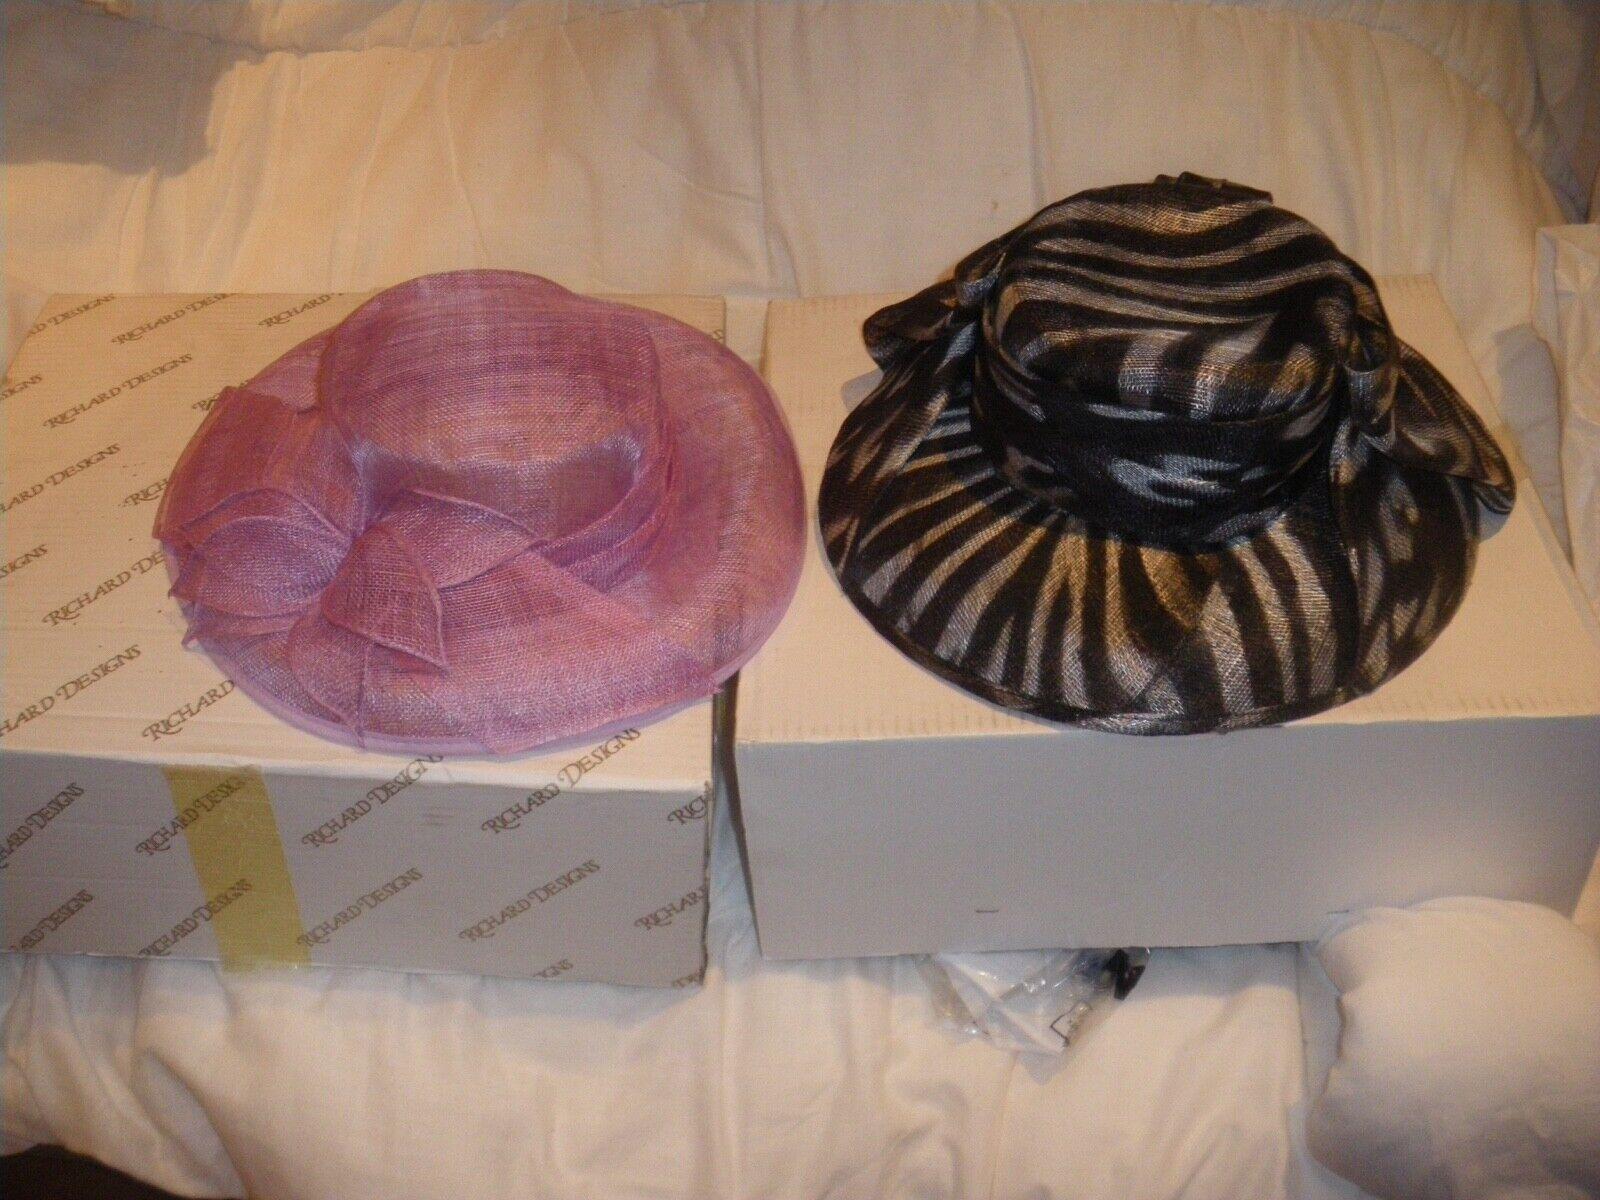 2 x wedding hats